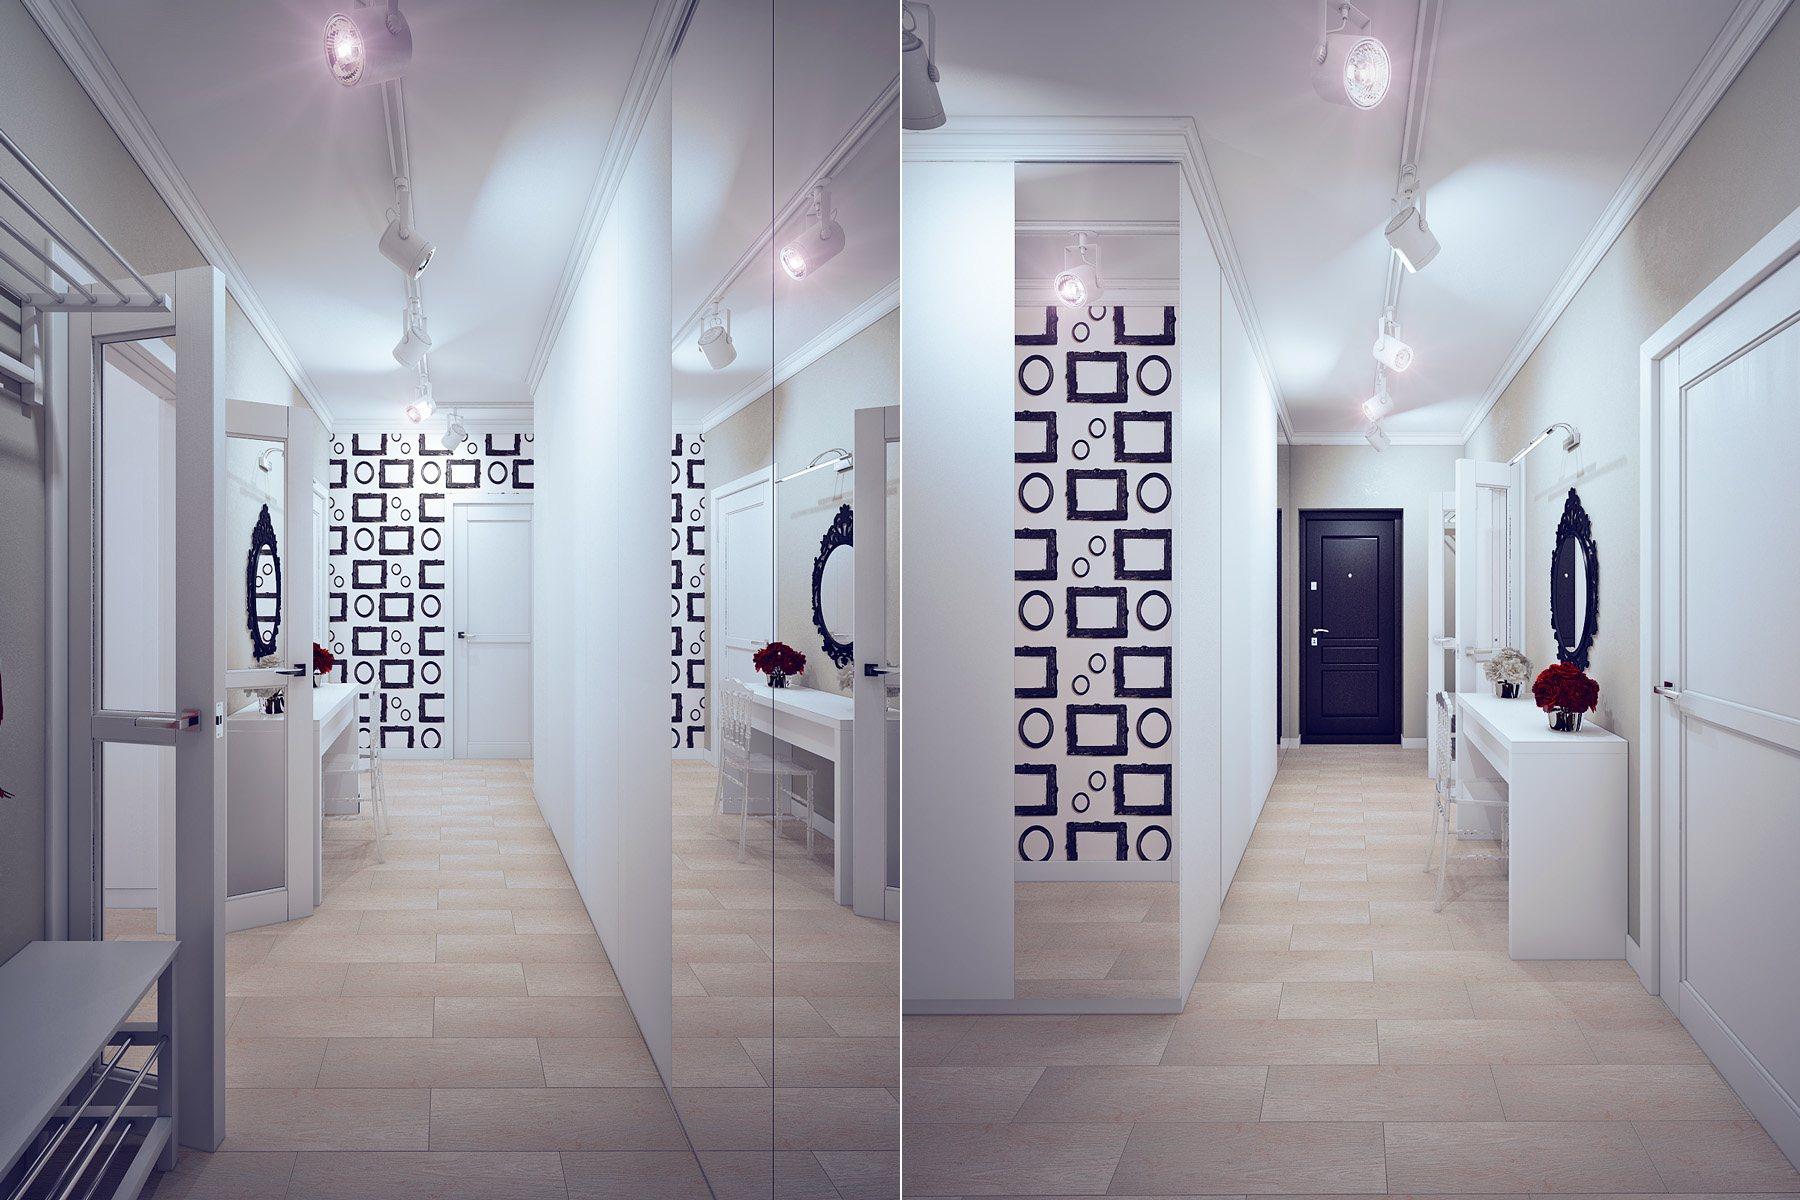 proekt-za-apartament-s-tsveten-i-dinamichen-interior-4g